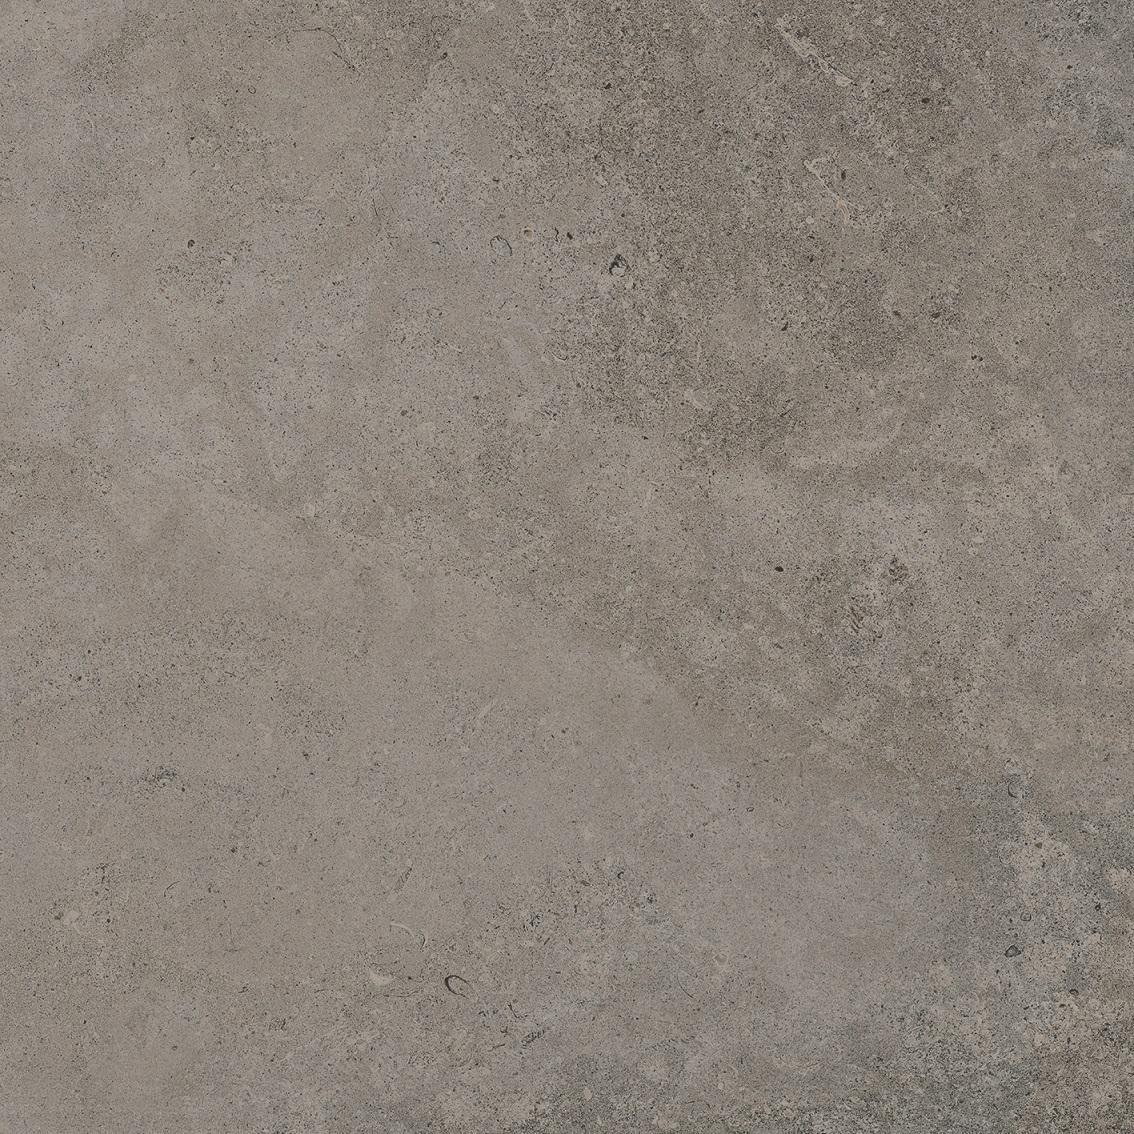 Porcelanosa Berna Topo Anti-Slip 120 x 120 cm